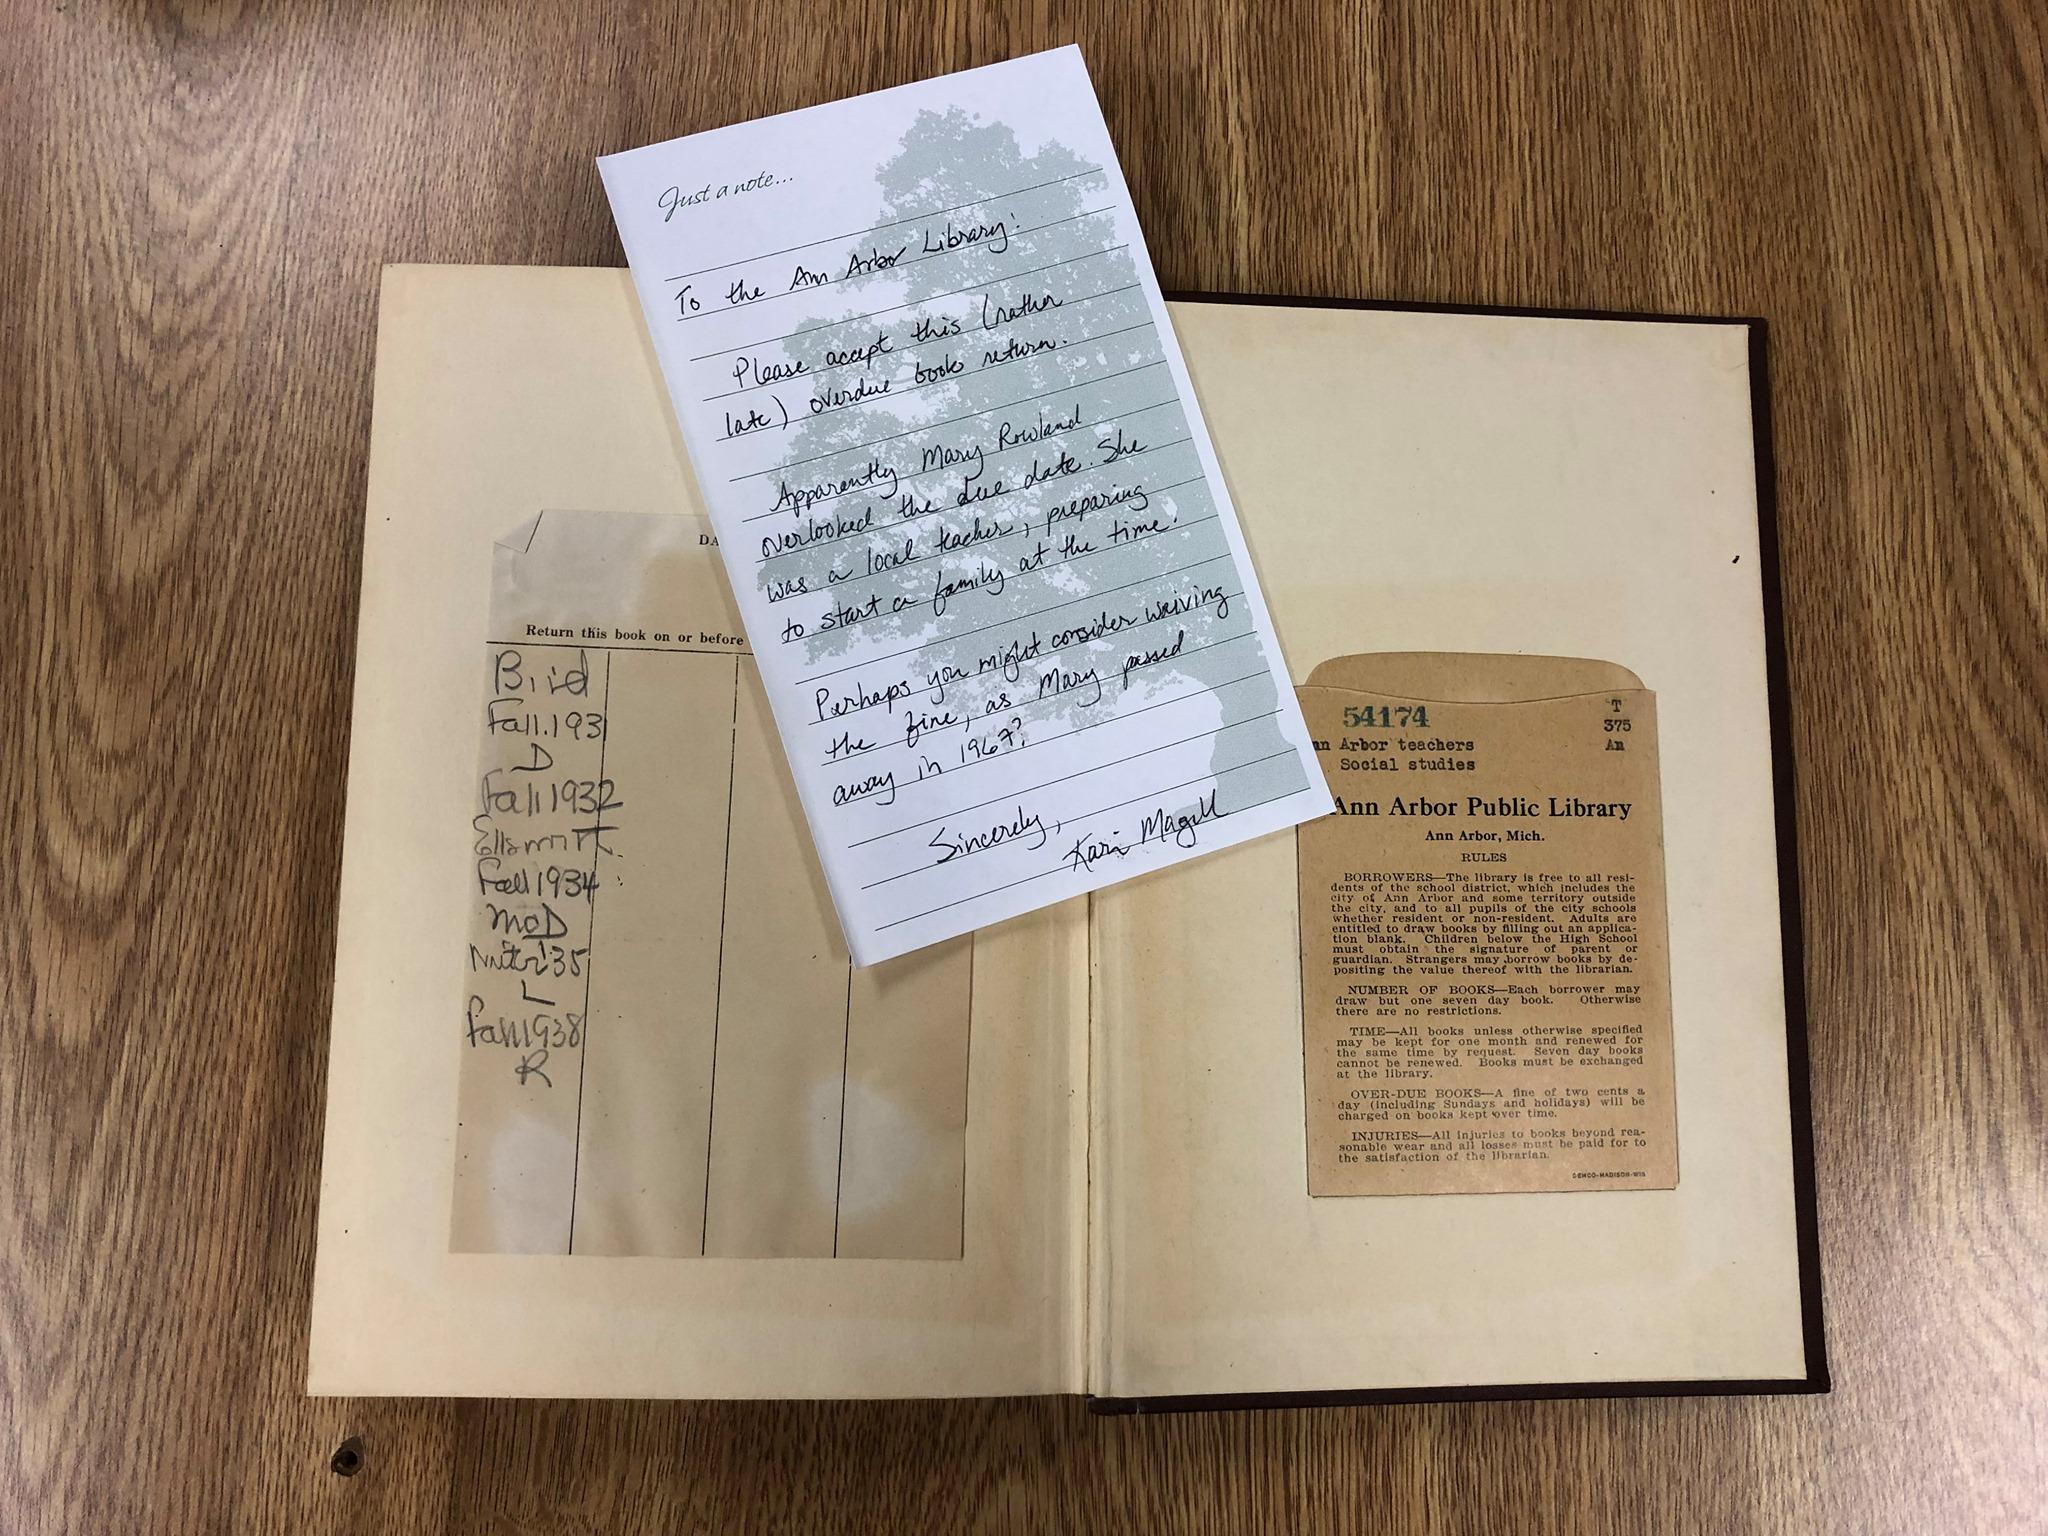 După 70 de ani, o carte a fost returnată bibliotecii. Ce s-a întâmplat